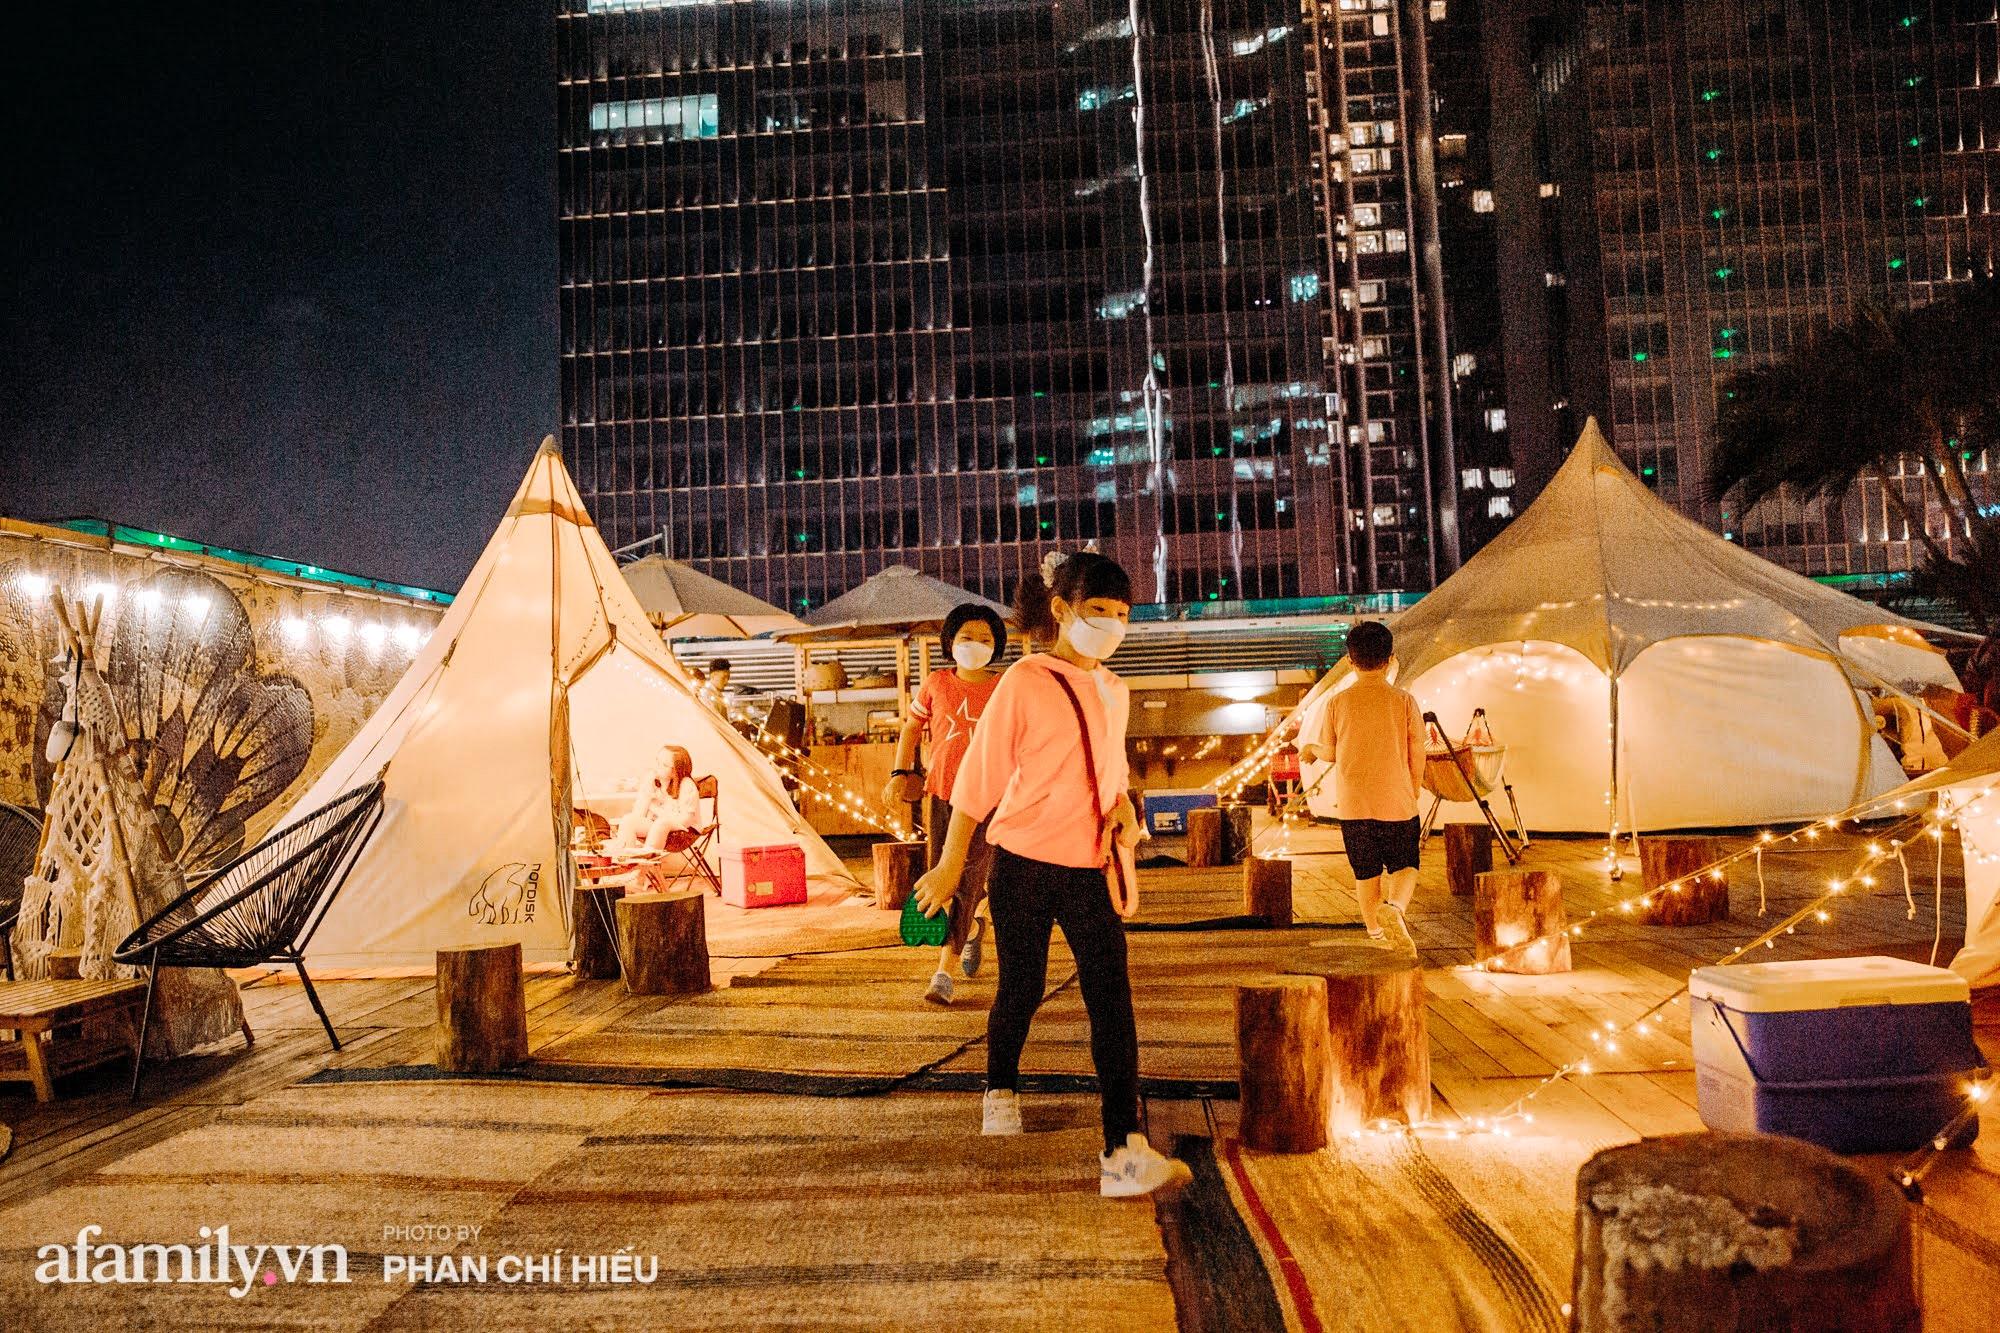 """Siêu Hot: Glamping - Cắm trại xa xỉ trên nóc tòa nhà cao nhất Hà Nội, một khung cảnh """"cam kết"""" đẹp hơn cả trên phim với 1 loạt trải nghiệm vô cùng thú vị dành cho cả gia đình - Ảnh 3."""